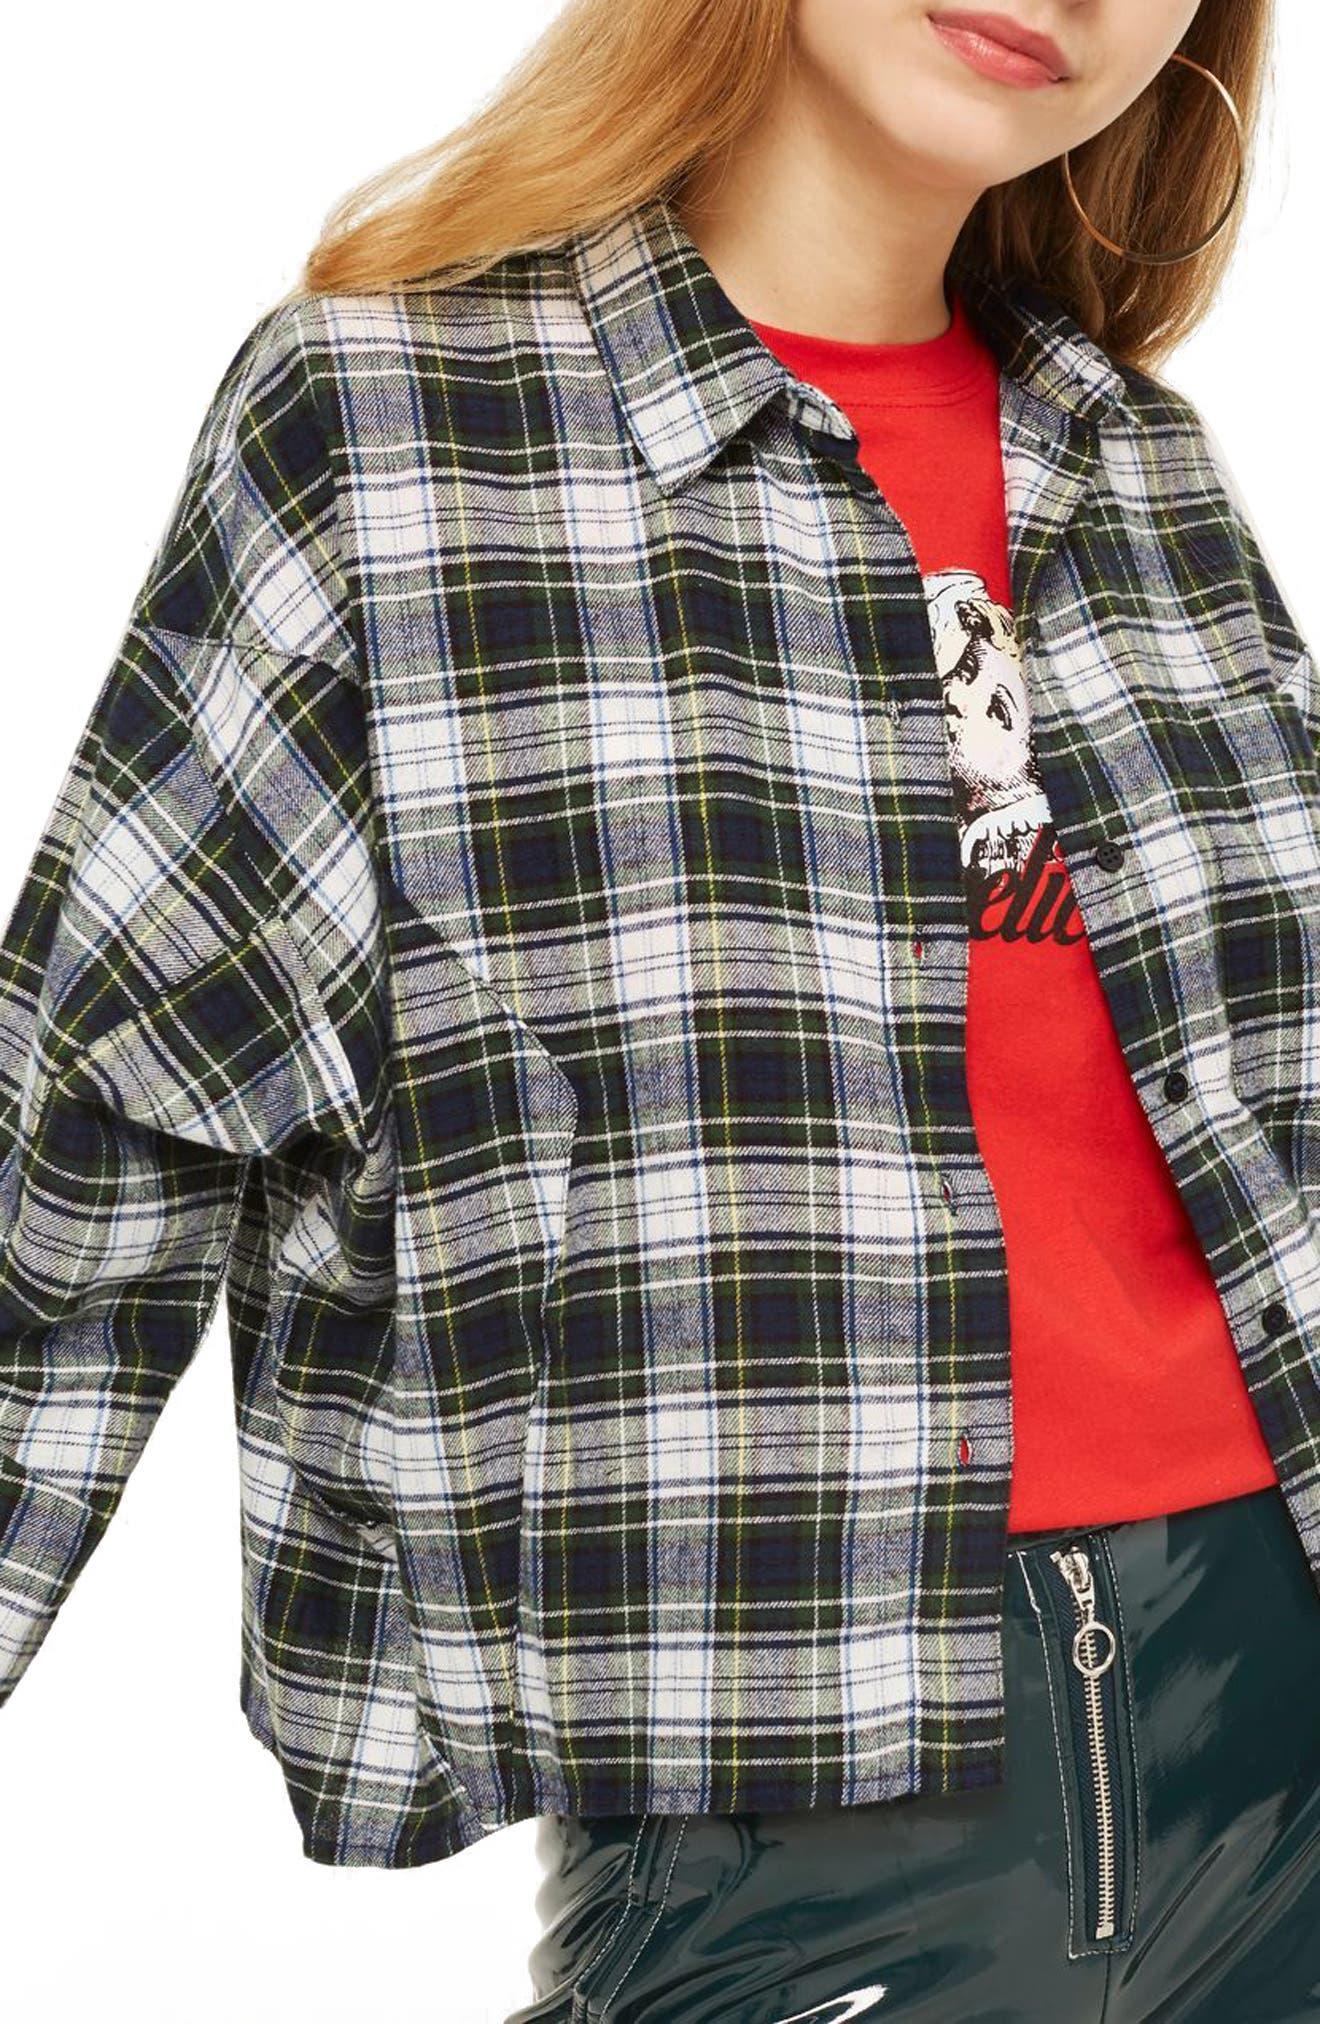 Topshop Boxy Plaid Shirt